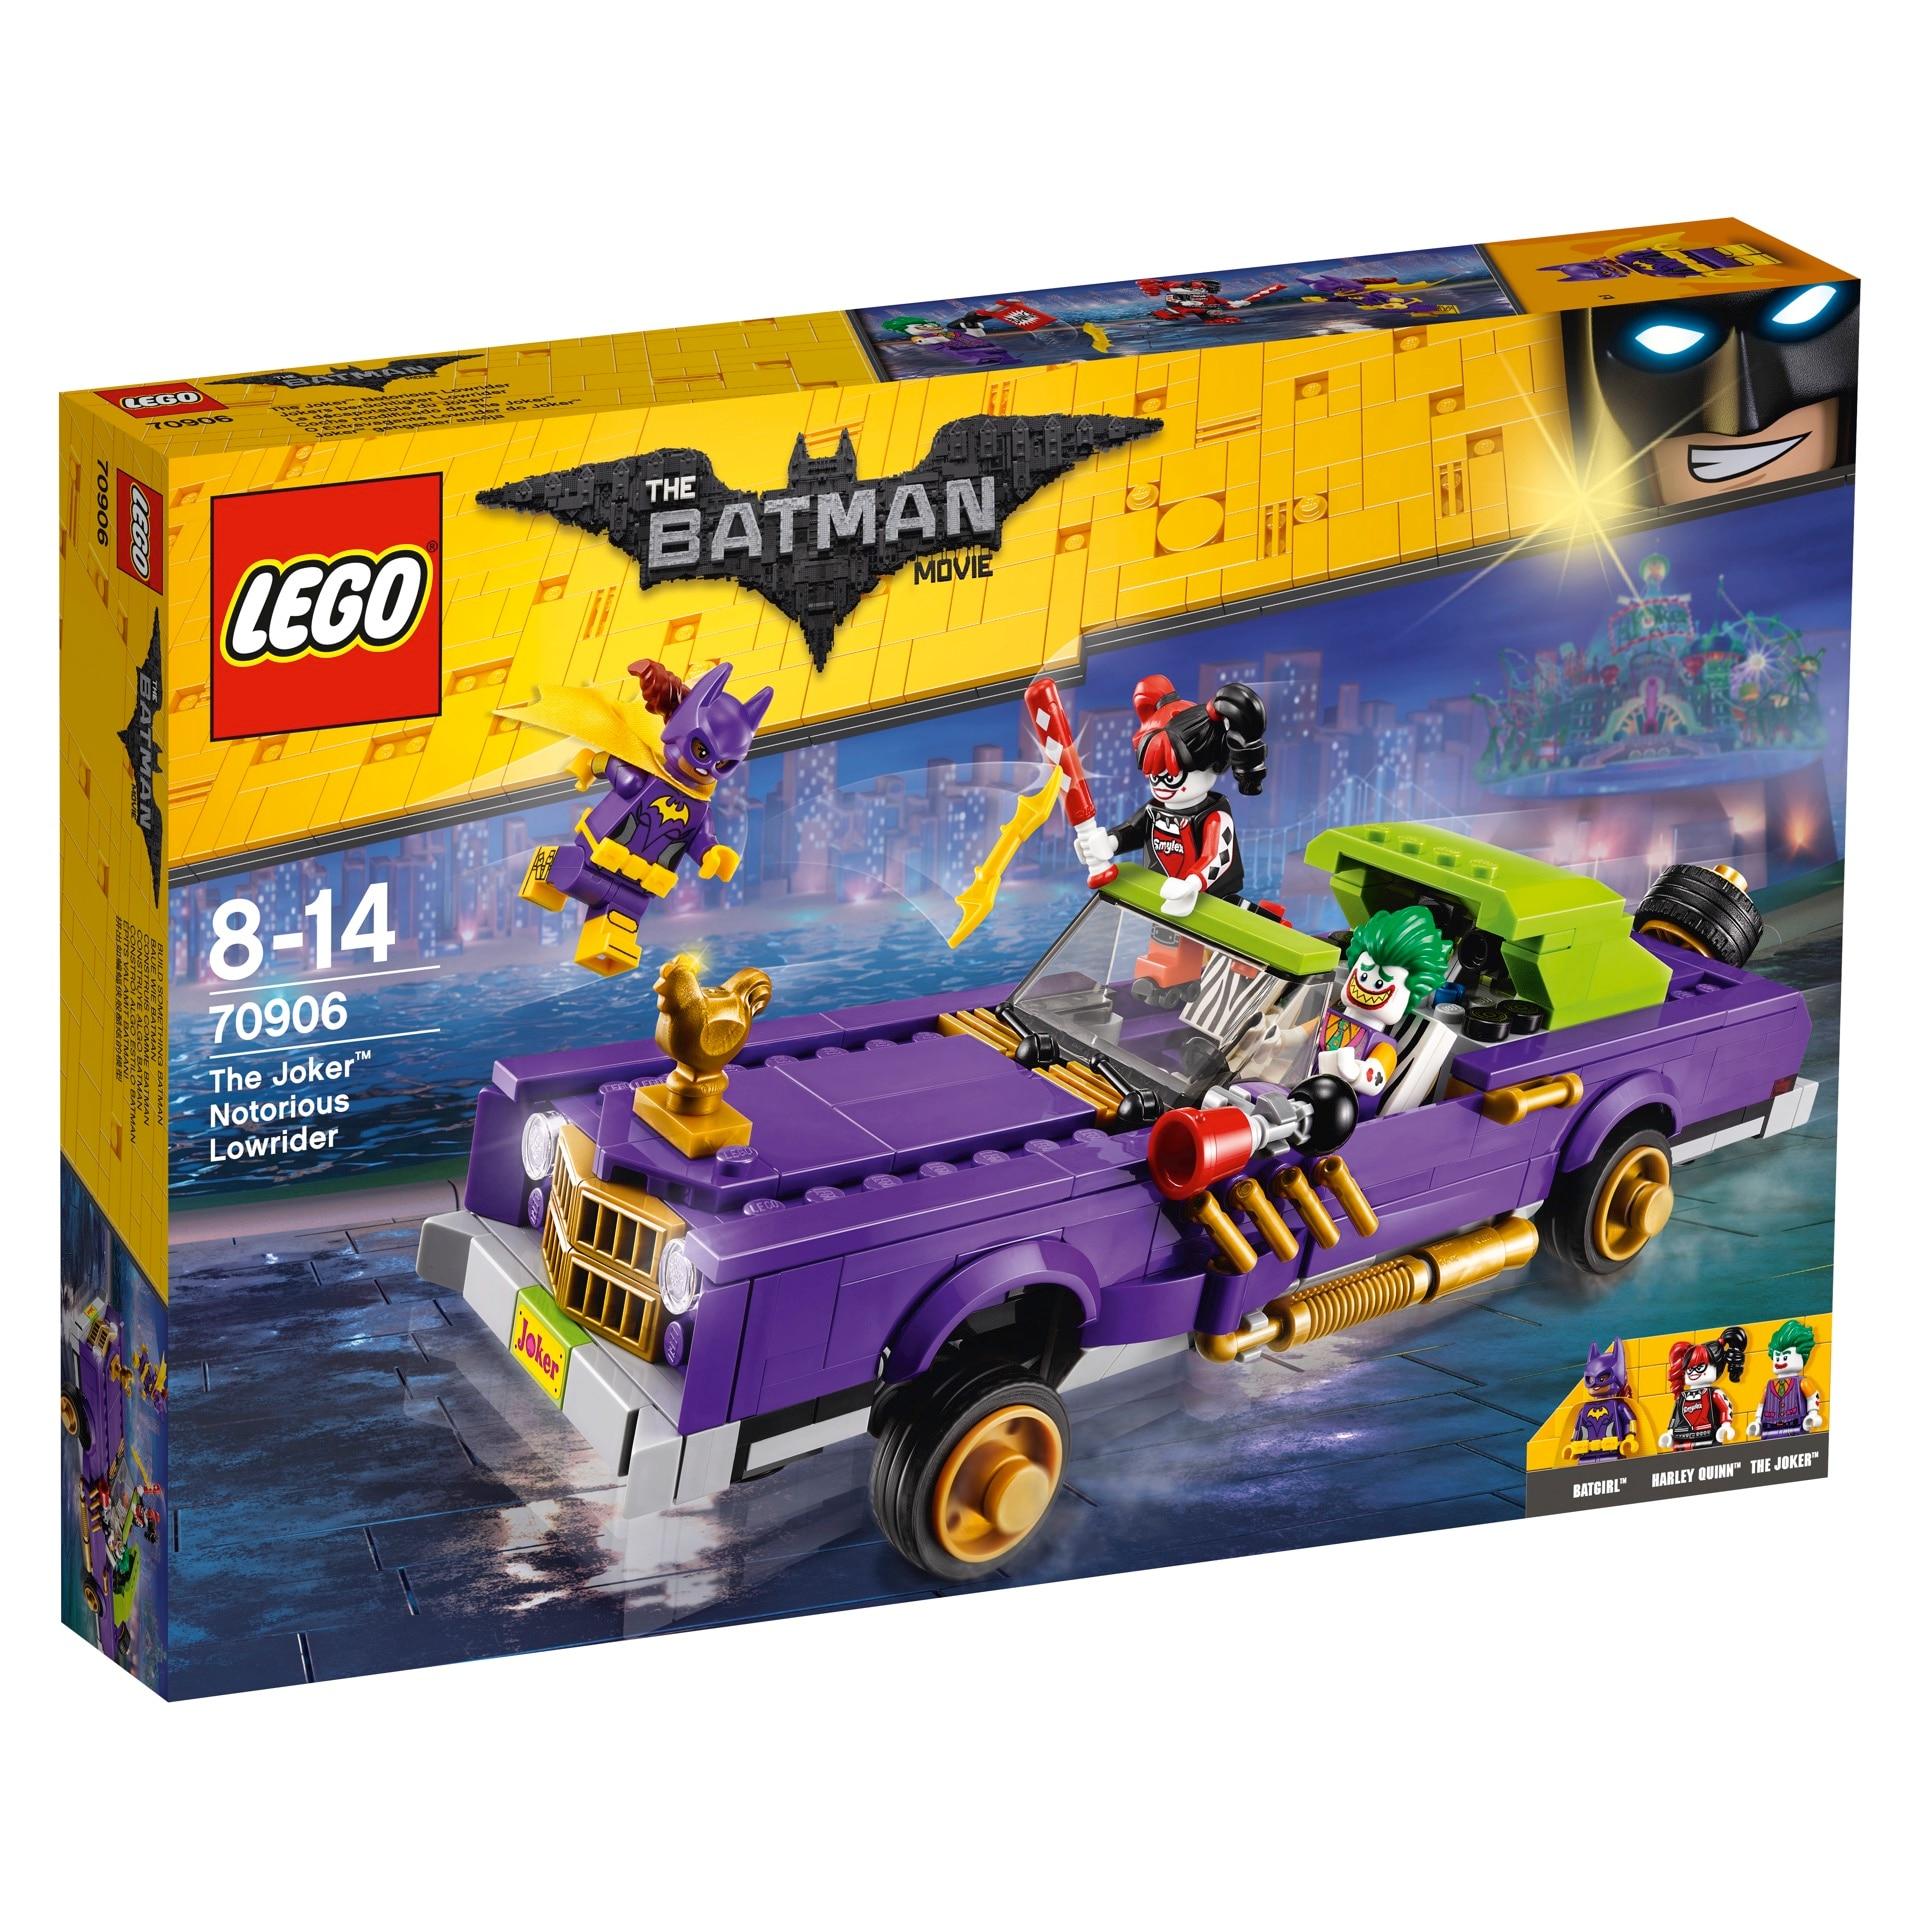 70906__the-lego-batmanmovie_box1_v29